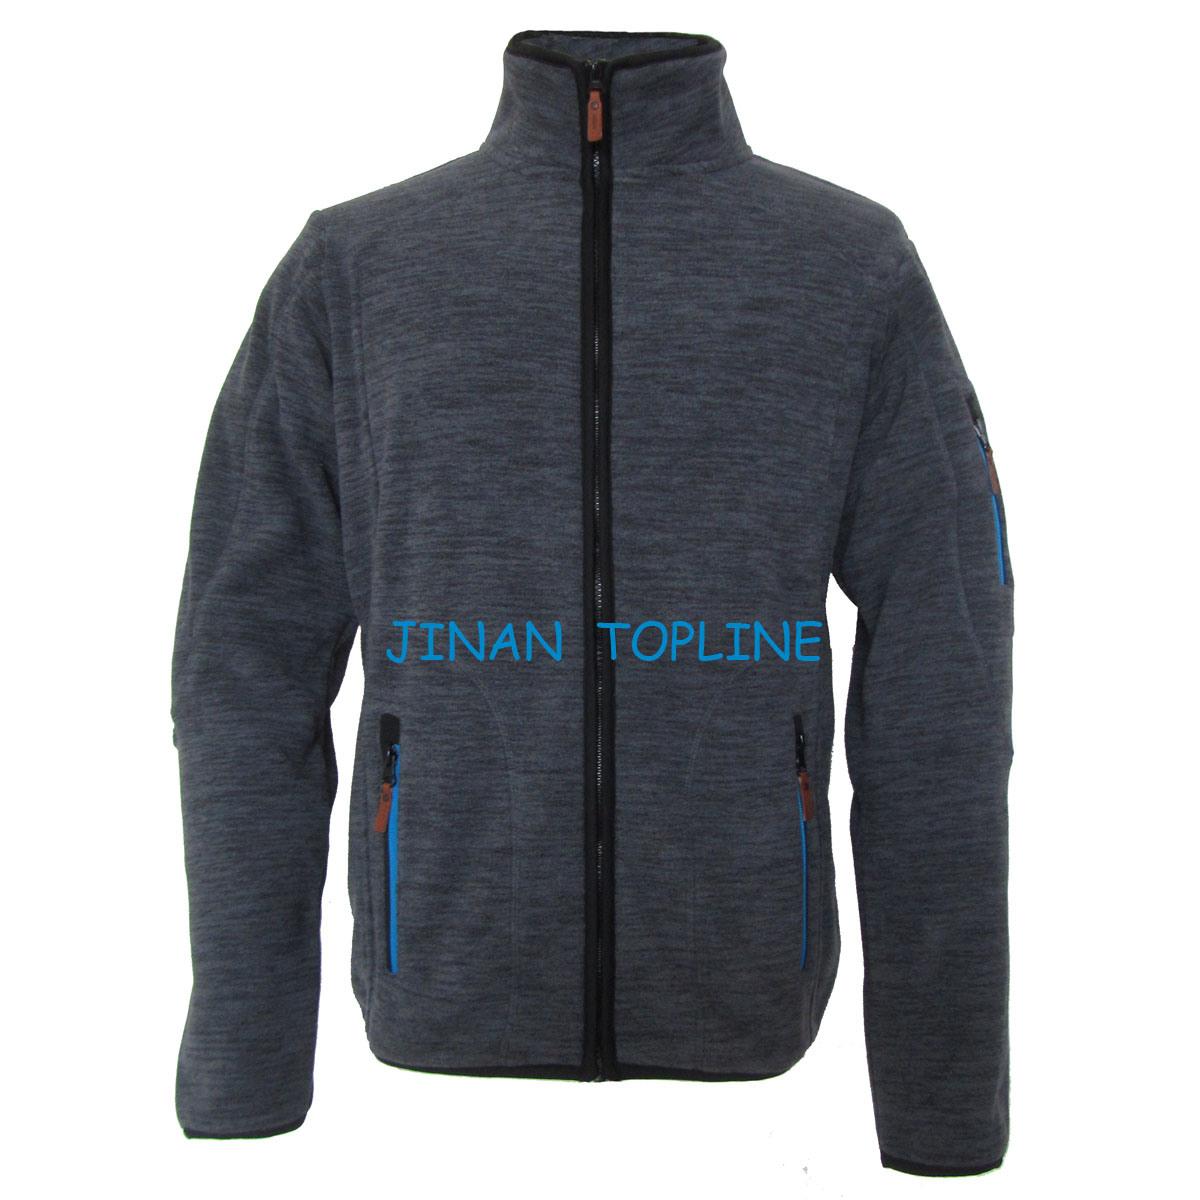 Men Cationic Dyed Polar Fleece Windproof Leisure Jacket Sports Wear